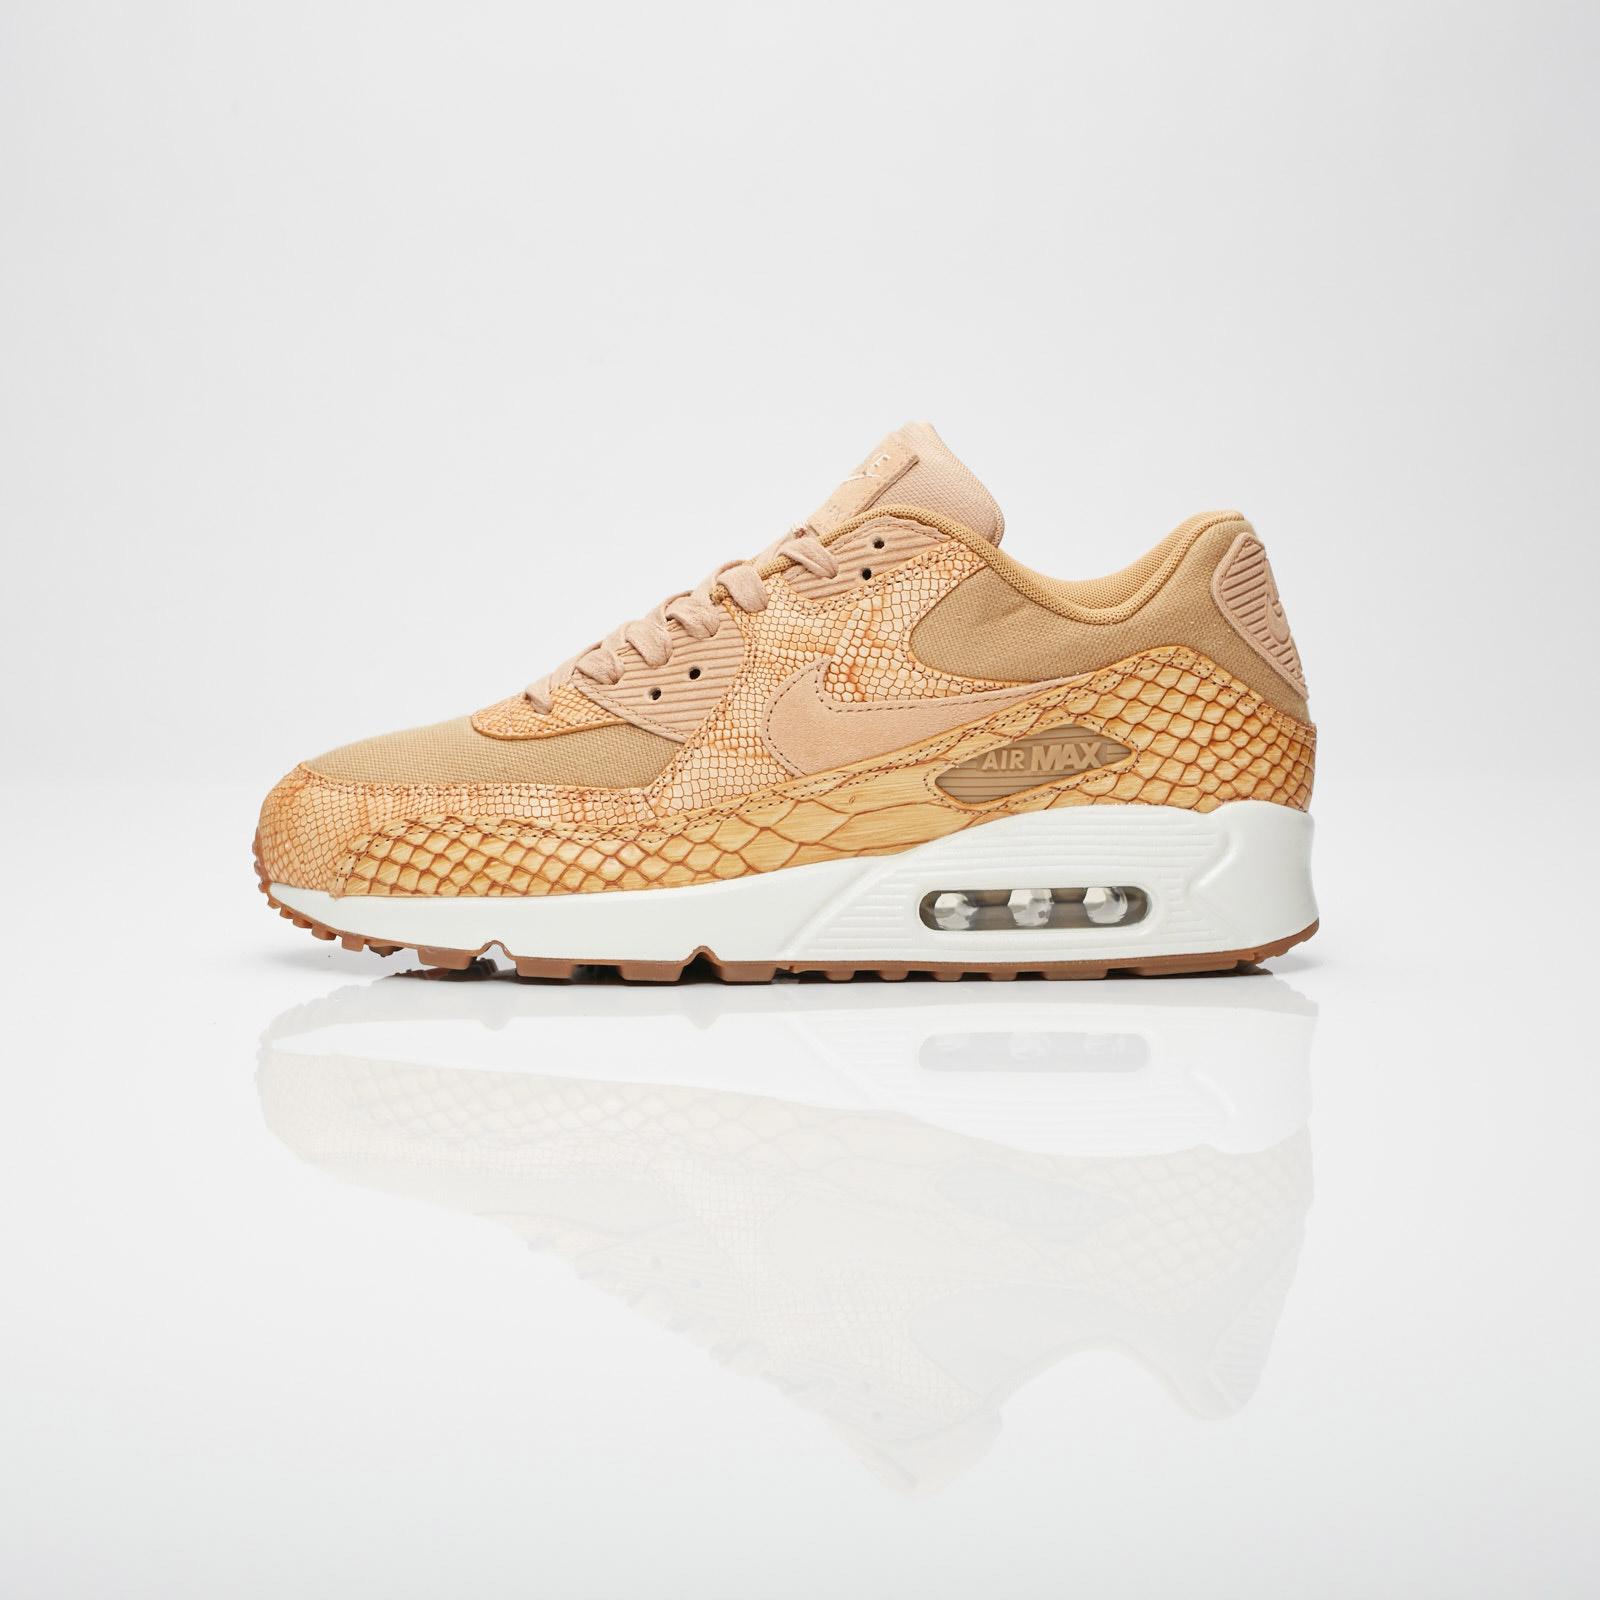 buy popular a218f 738c0 Nike Air Max 90 Premium Ltr - Ah8046-200 - Sneakersnstuff I Sneakers ...